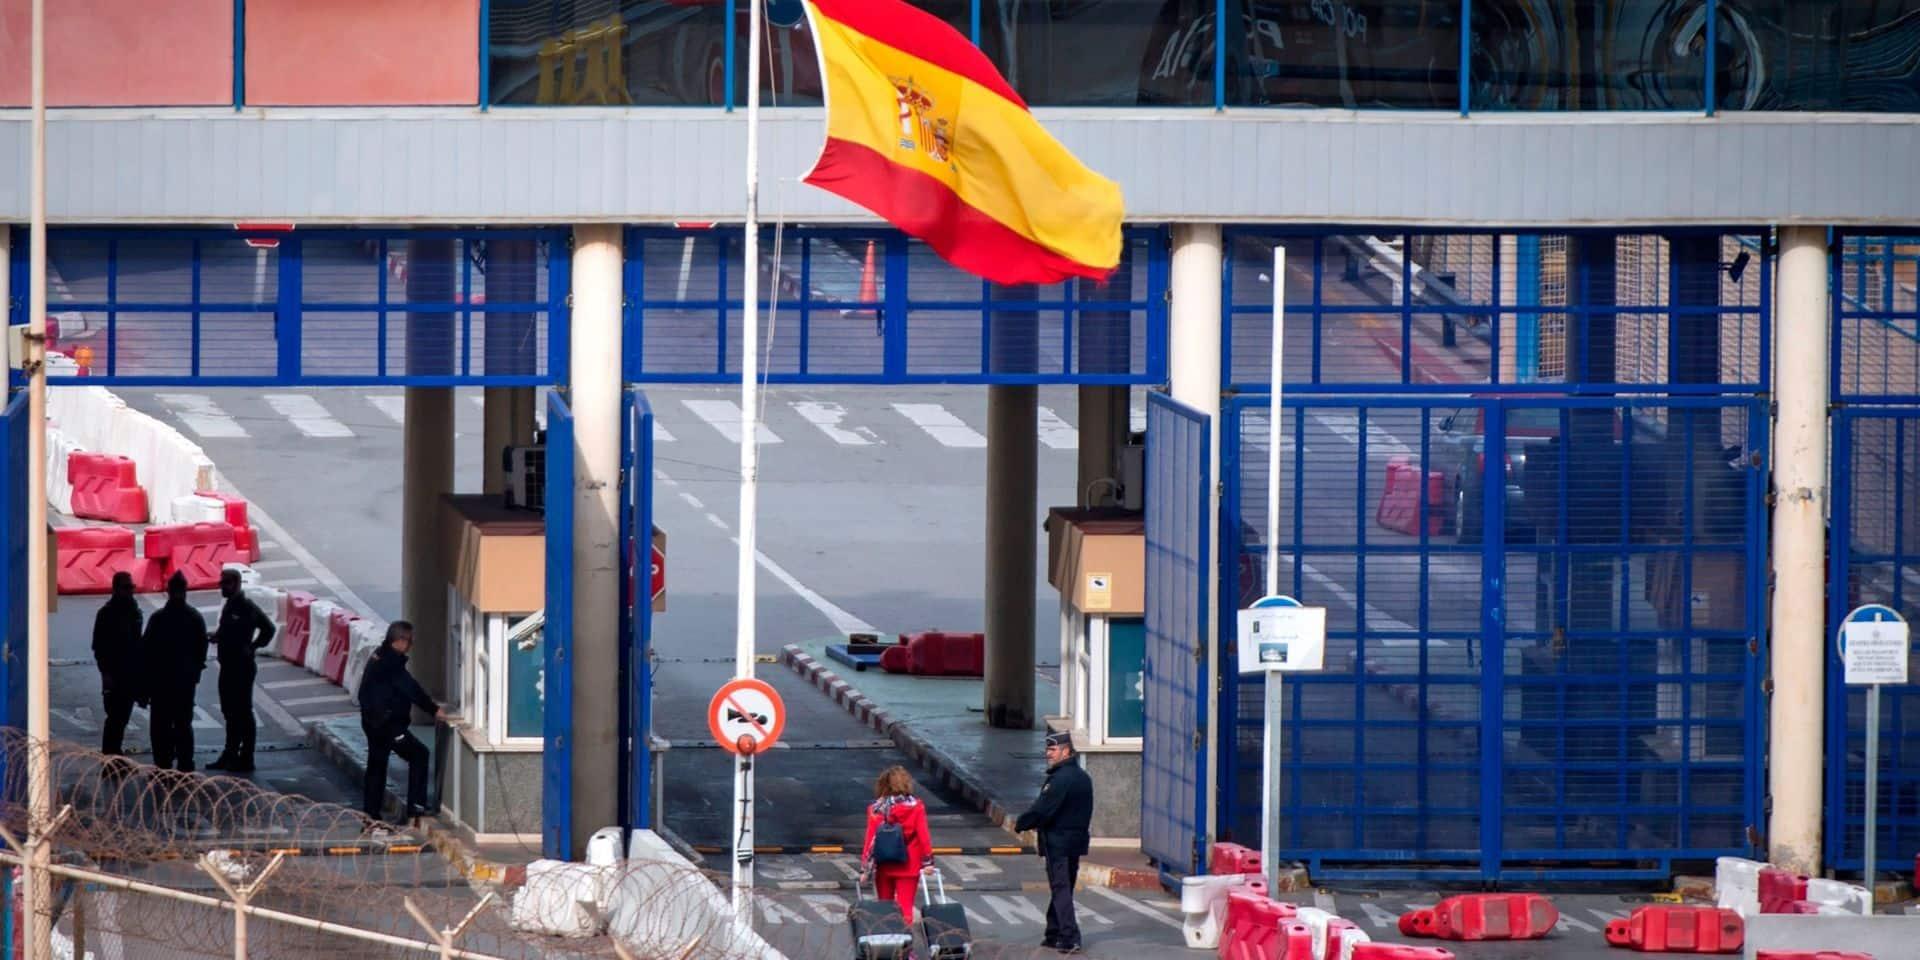 Coronavirus: l'Espagne ferme ses frontières terrestres, plus de 1.000 nouveaux cas en Allemagne en 24h, la Suède annonce un plan d'aide de 28 milliards d'euros